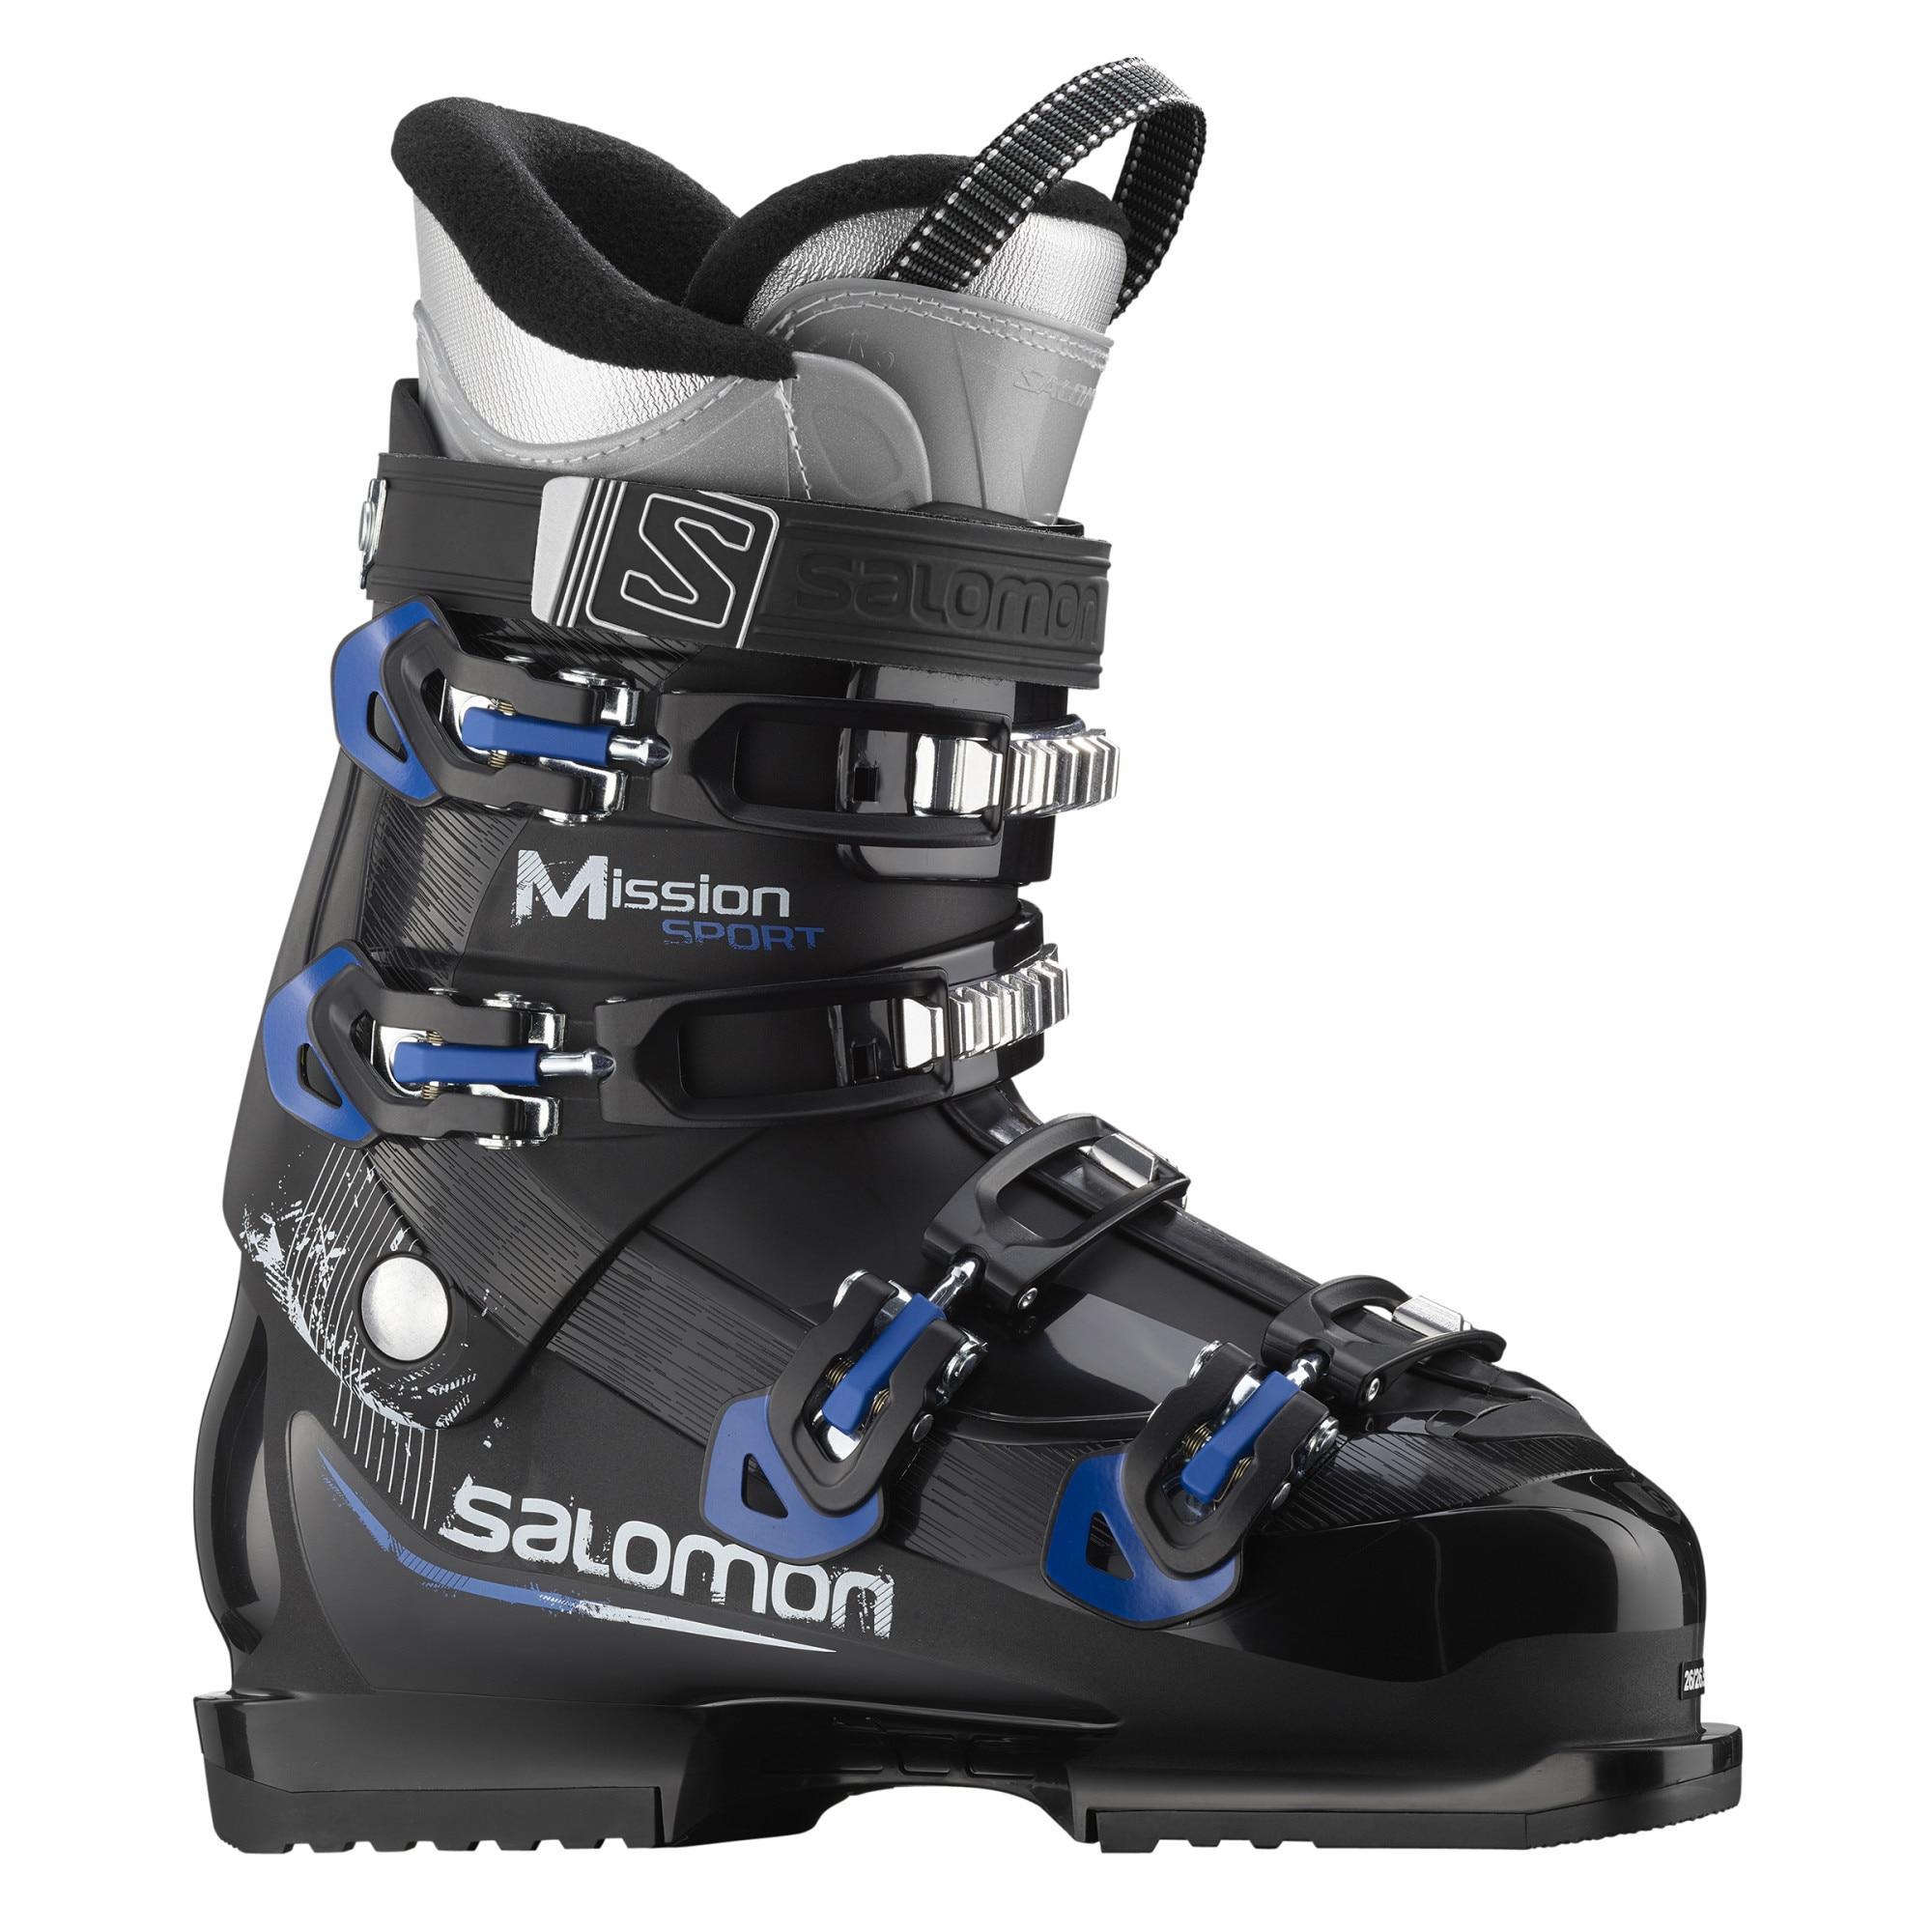 Fotografie Clapari Salomon Mission Sport Alpine, Black-Race Blue, Negru/Albastru, 27, 27.5